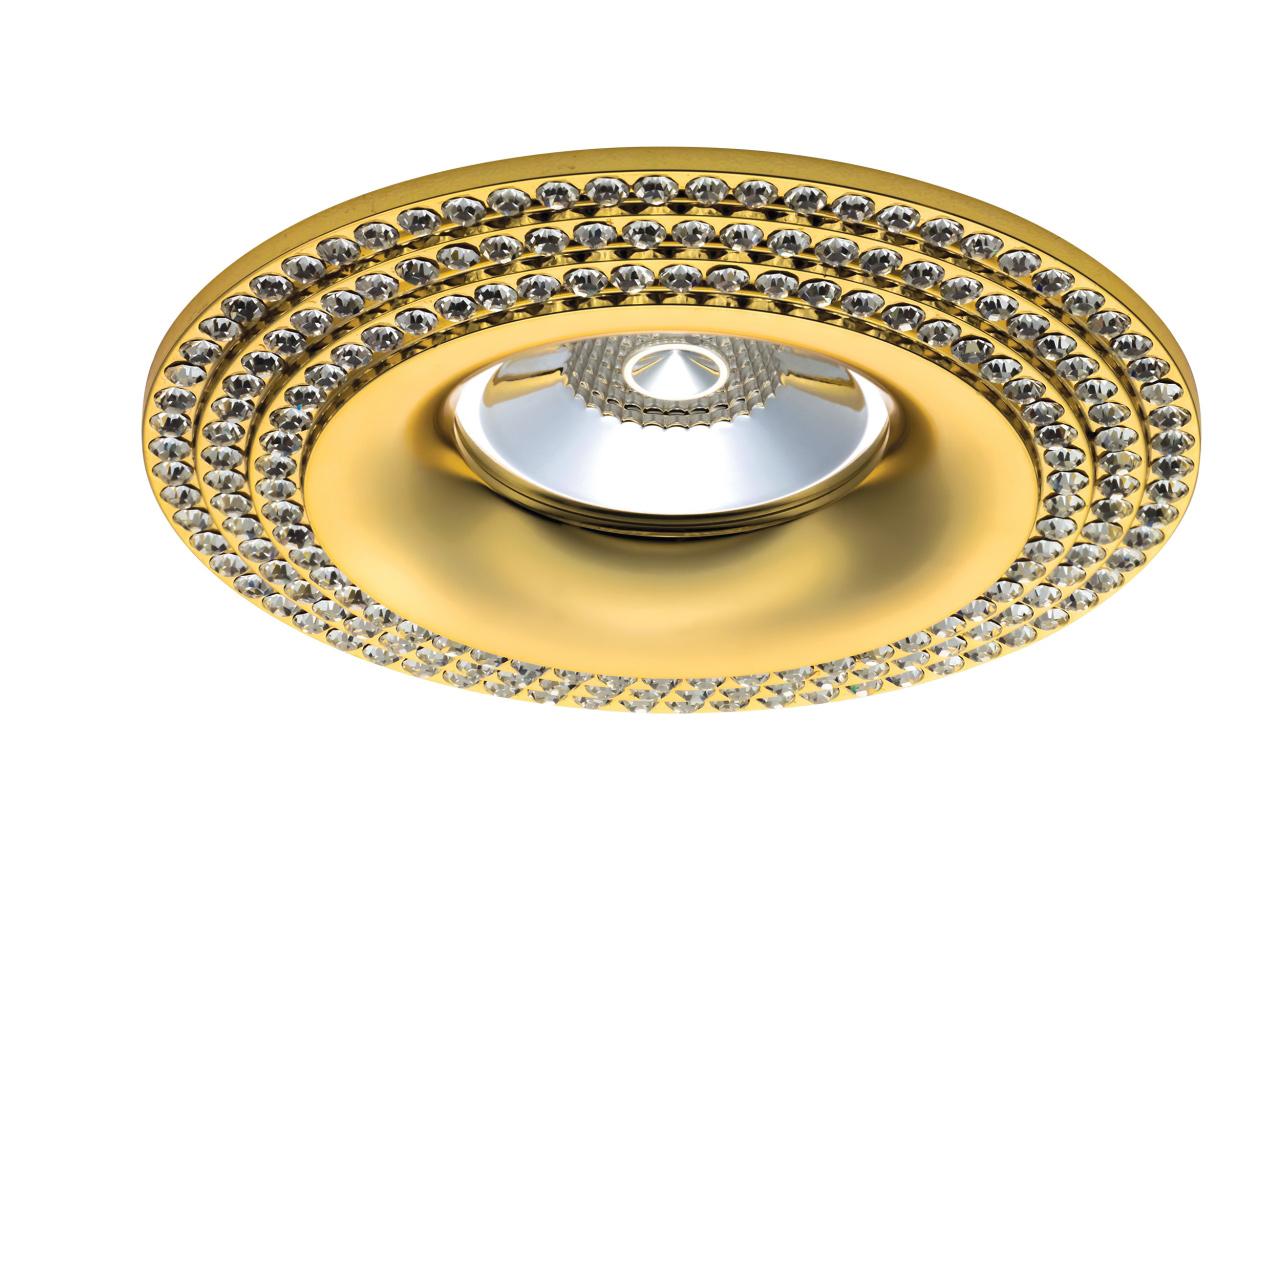 Светильник Miriade MR16 / HP16 золото Lightstar 011972